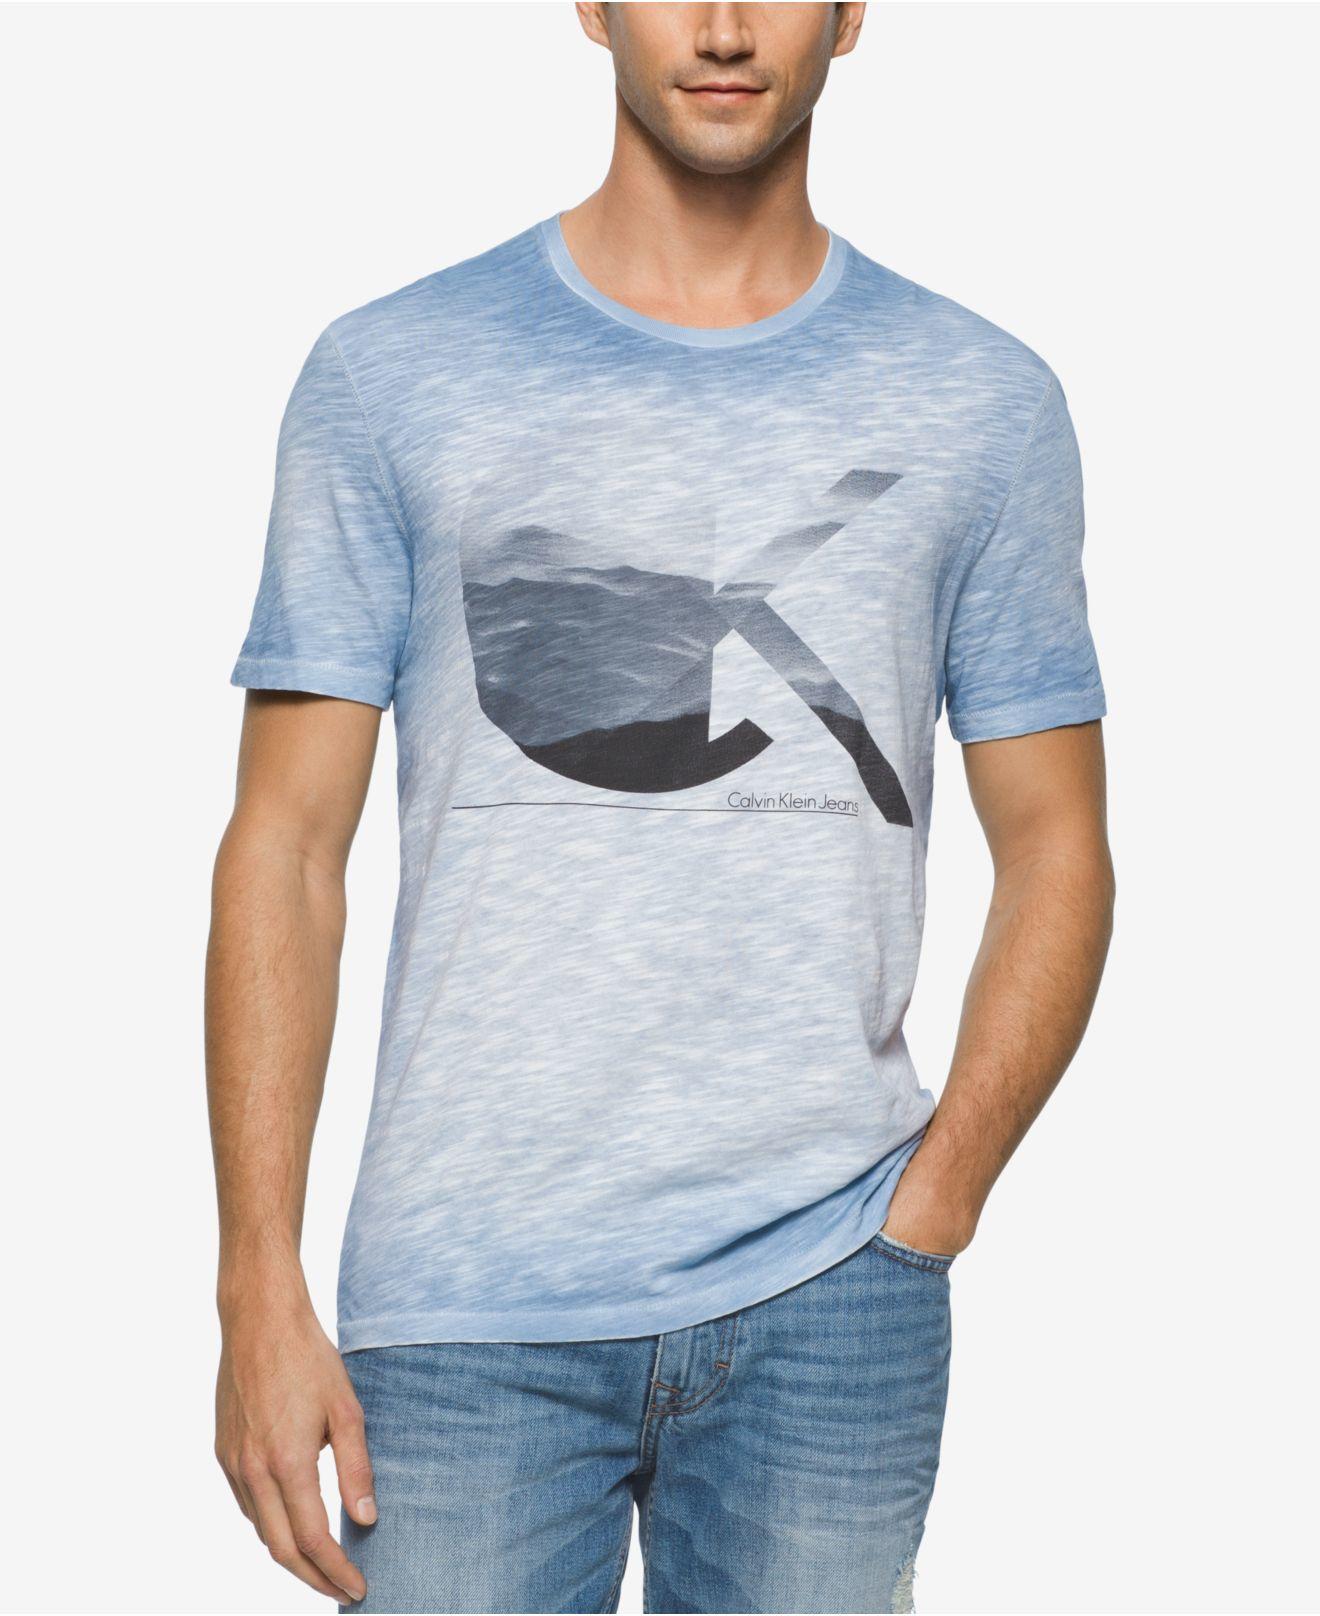 12a33a0e0e38c Calvin Klein Long Sleeve Shirt And Shorts